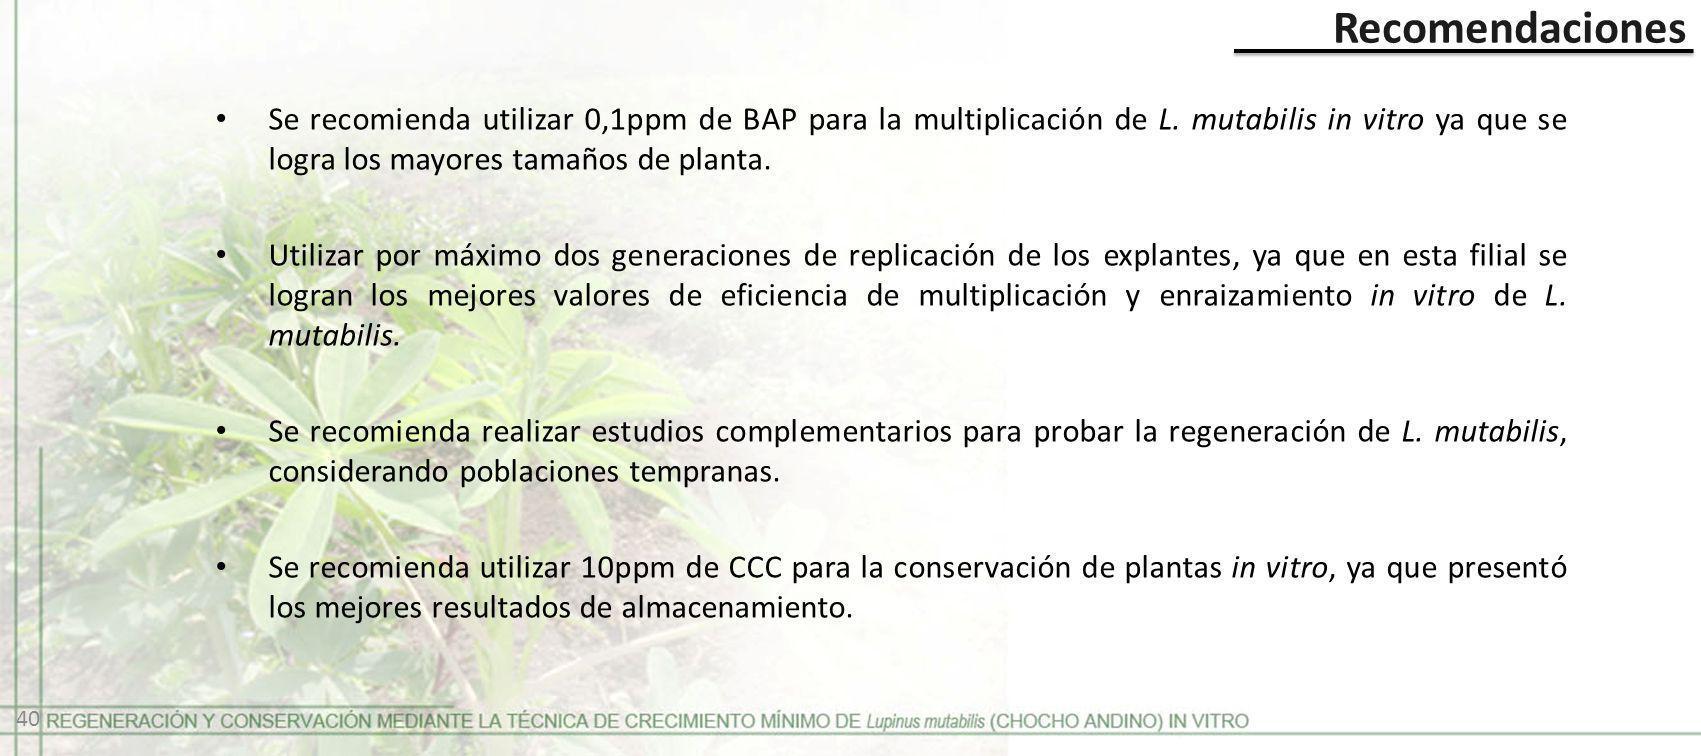 Recomendaciones Se recomienda utilizar 0,1ppm de BAP para la multiplicación de L. mutabilis in vitro ya que se logra los mayores tamaños de planta.